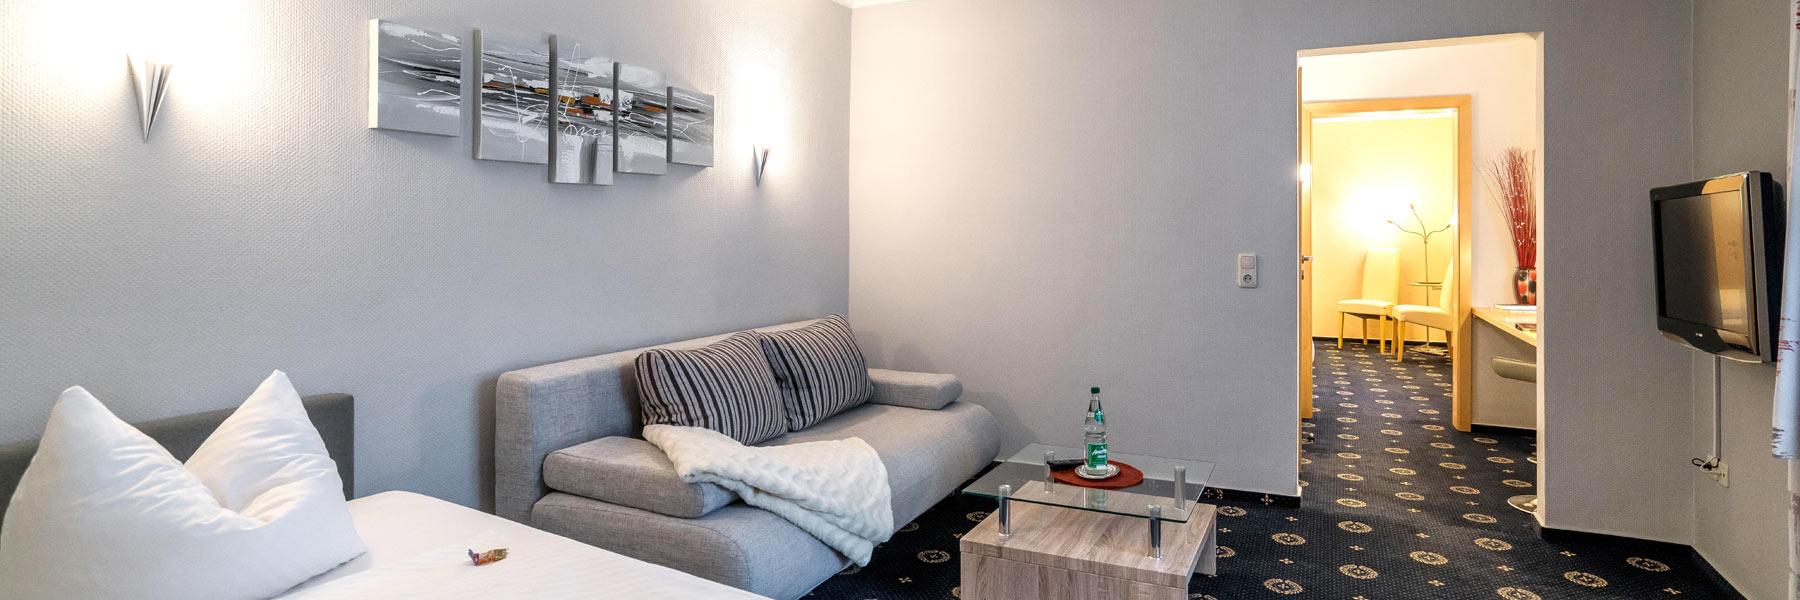 Wohnzimmer - Hotel Stadtkrug